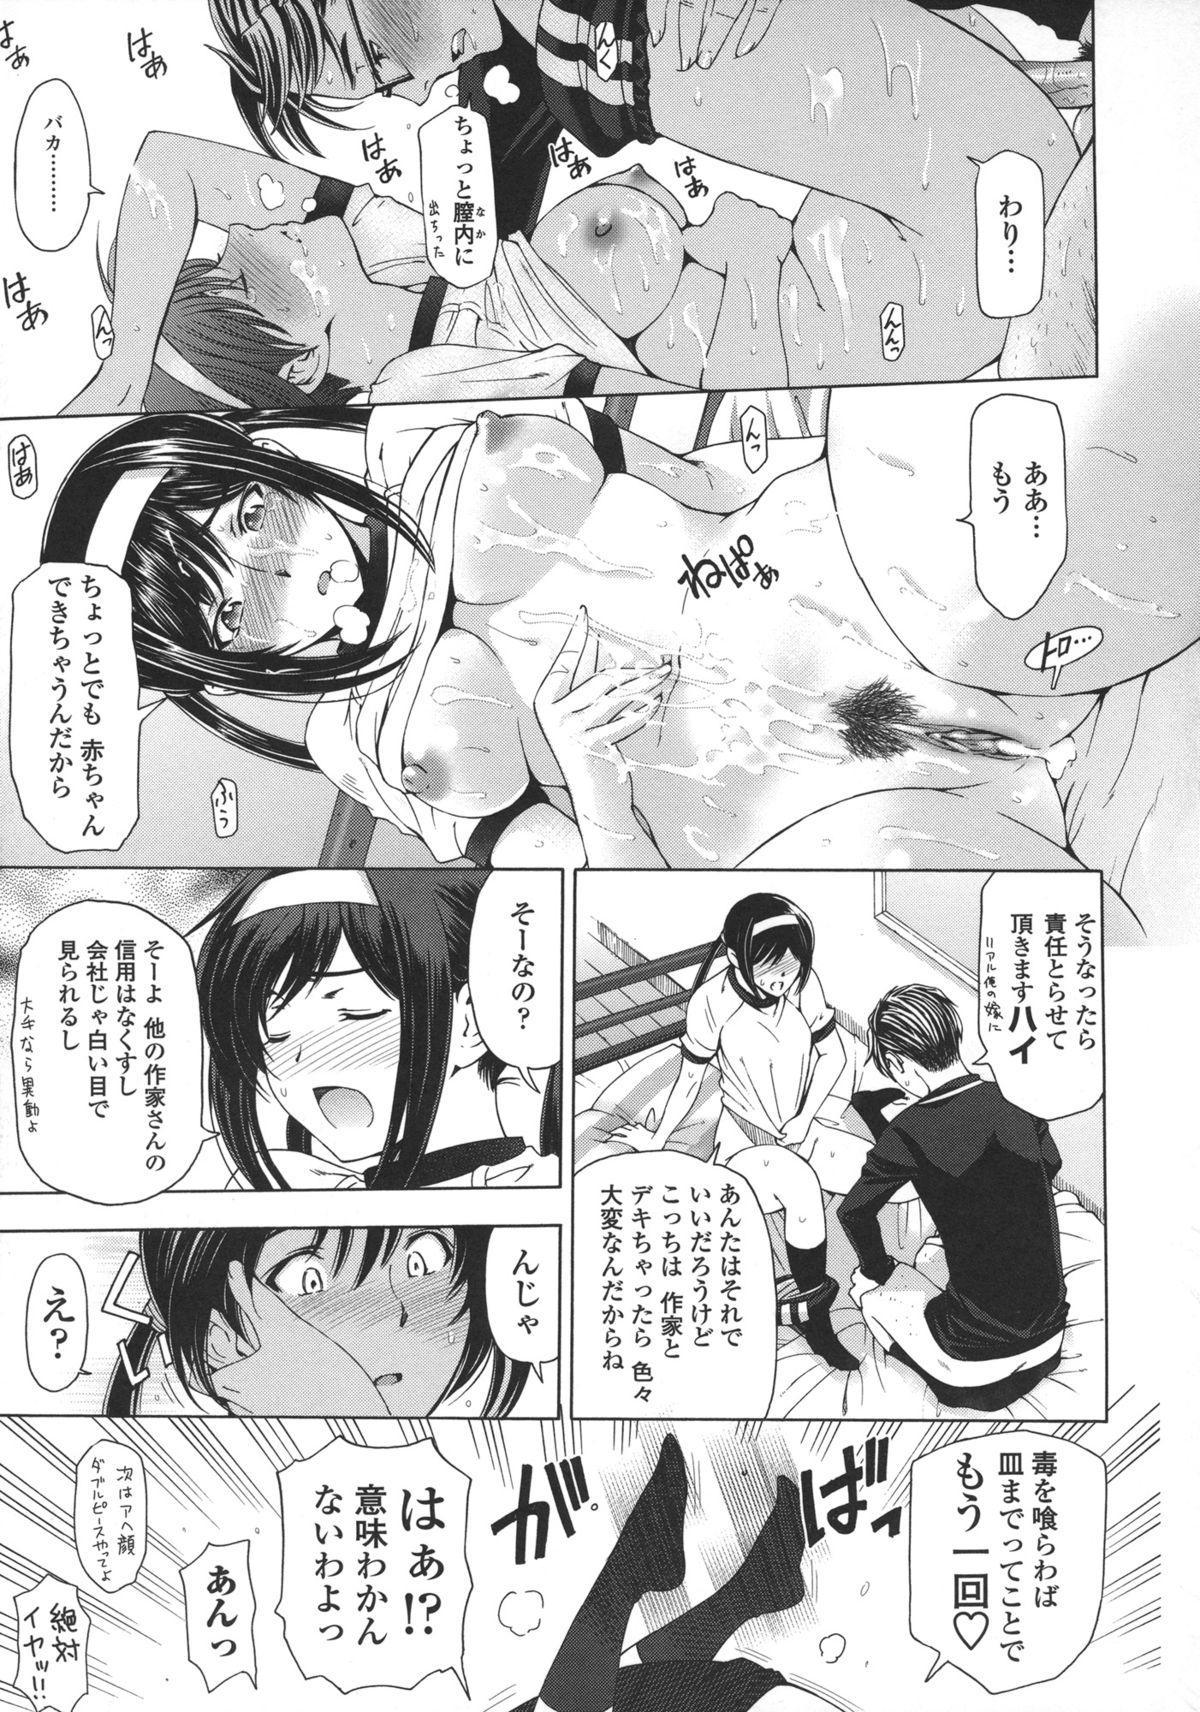 Ane wa Shota o Suki ni Naru 239